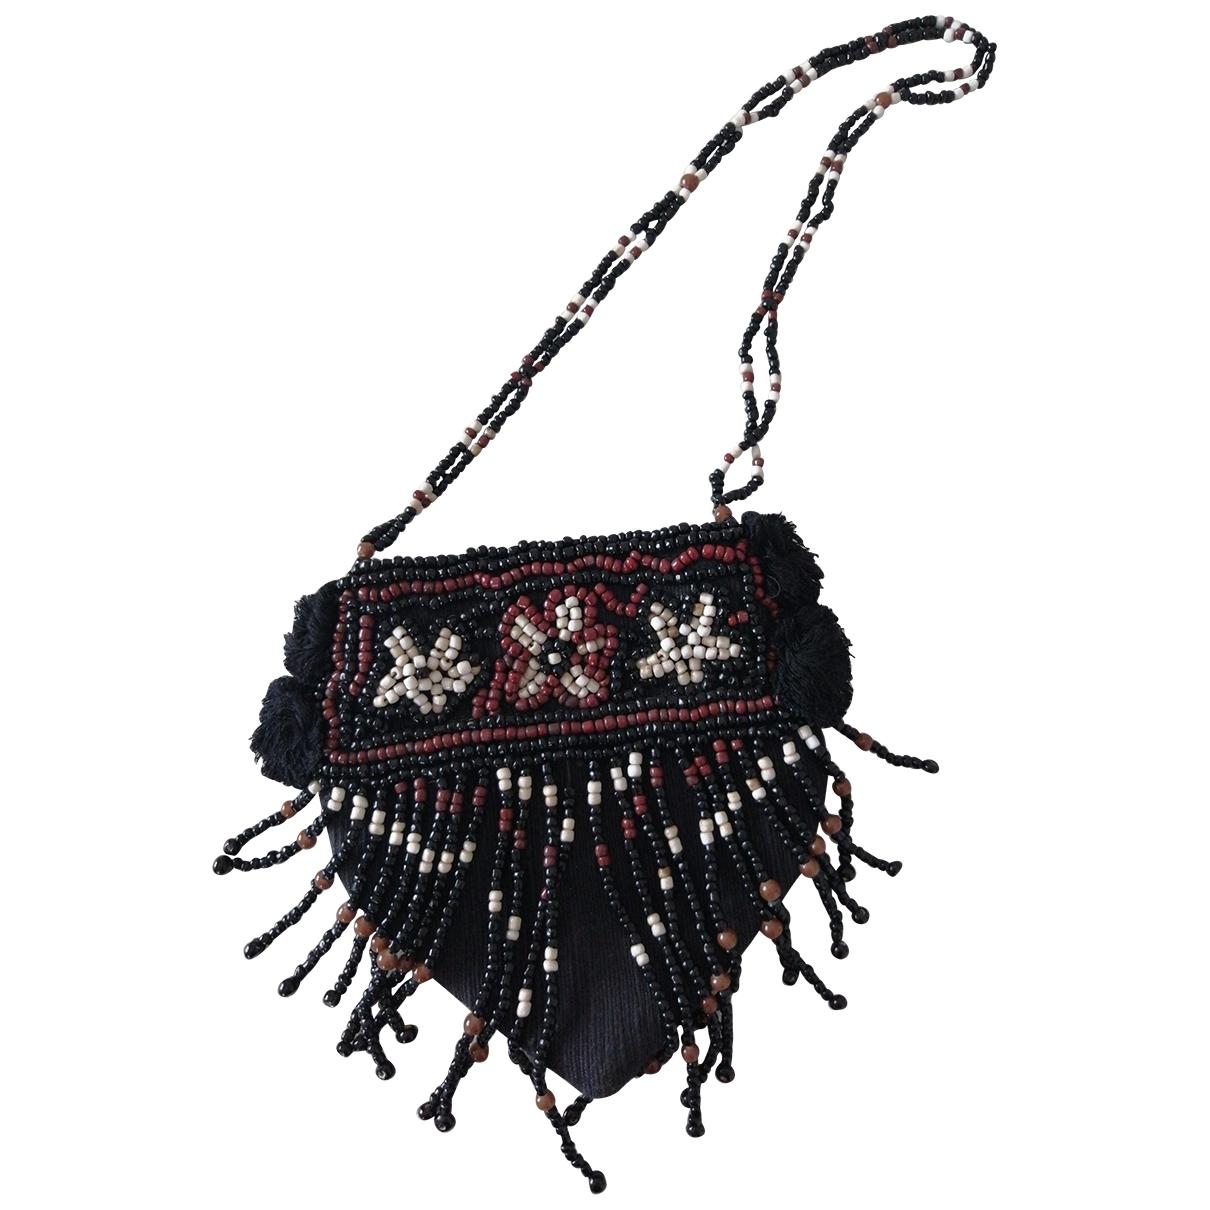 Maliparmi - Sac a main   pour femme en a paillettes - noir